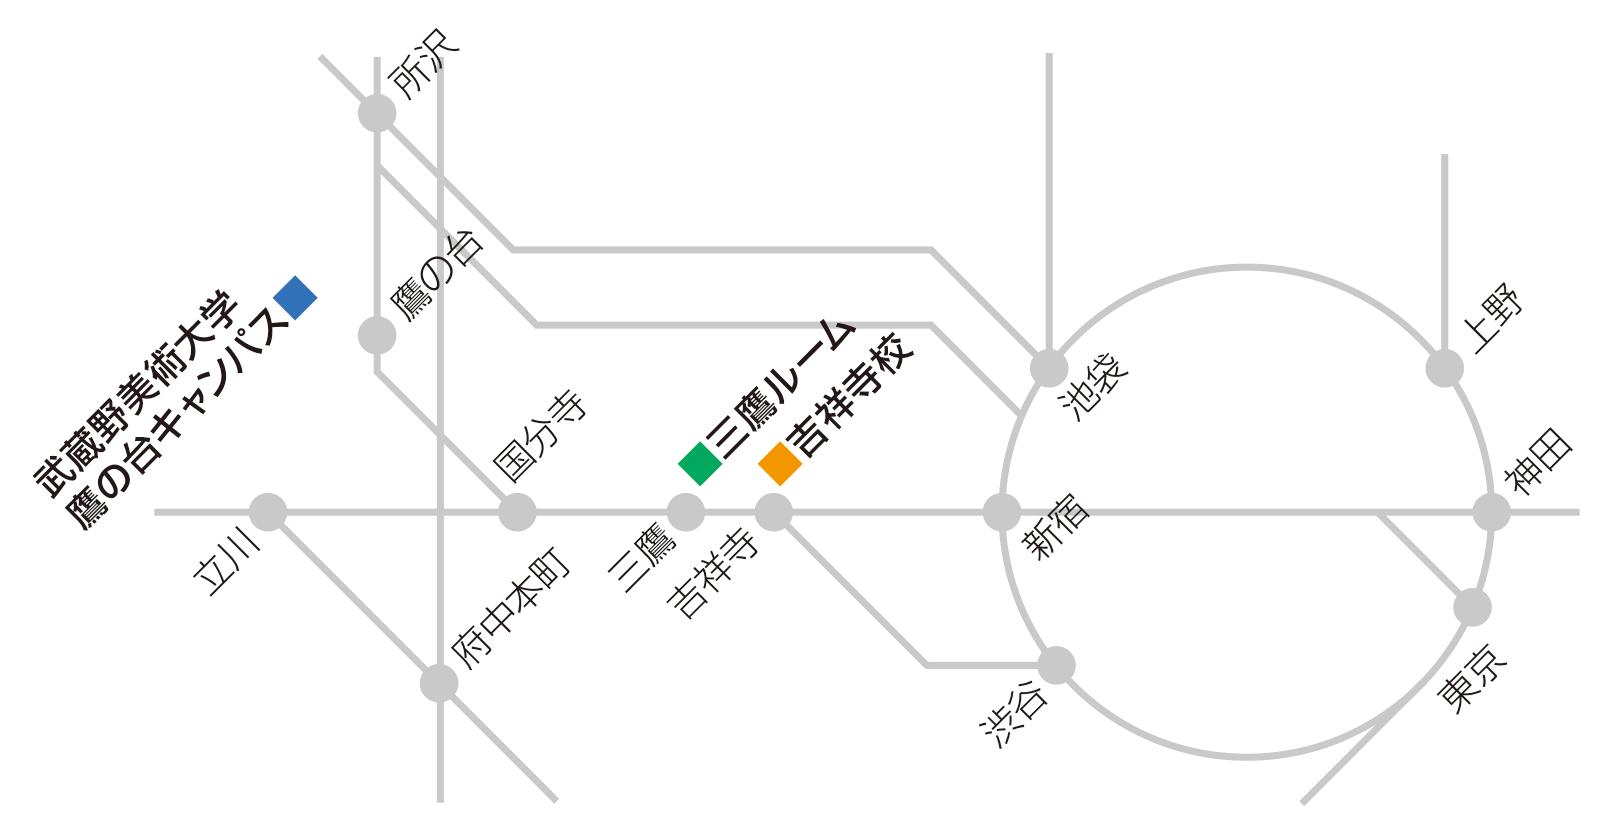 吉祥寺校、三鷹ルーム、鷹の台キャンパスを示した路線図